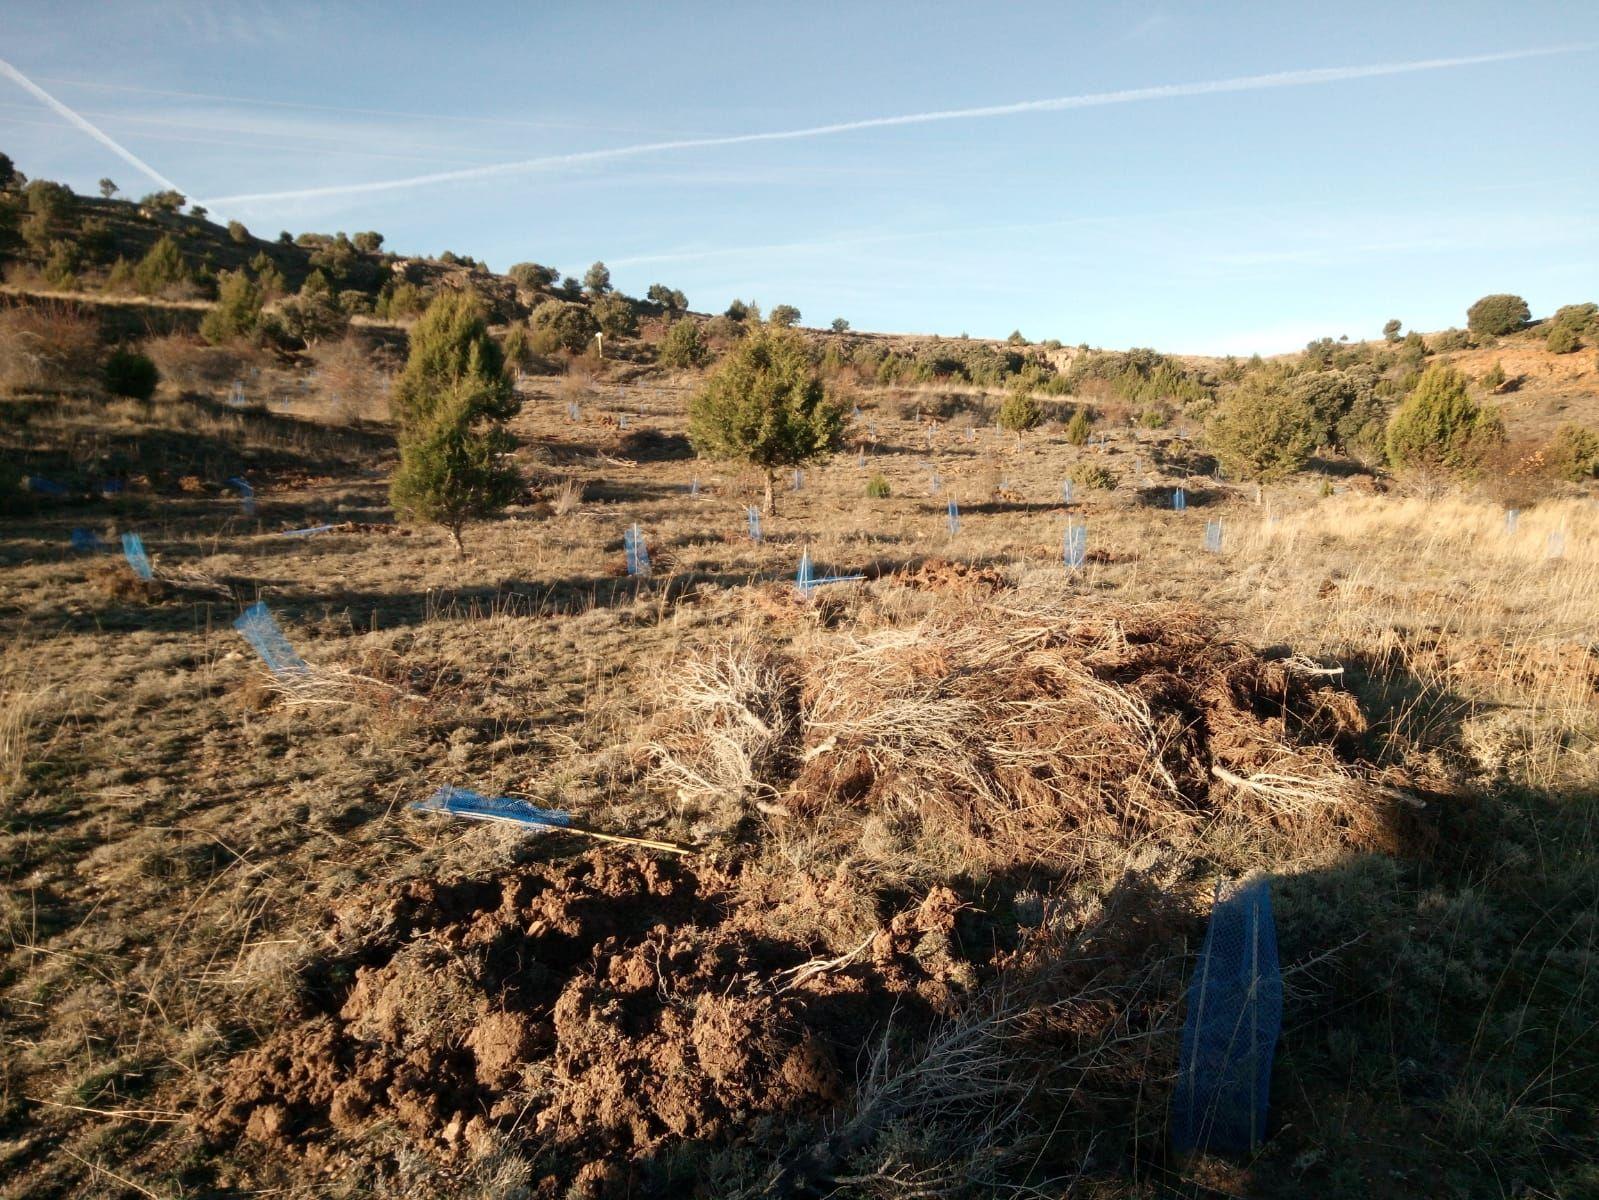 Fotografia Aspedto de una tierra agricola una vez abandonada